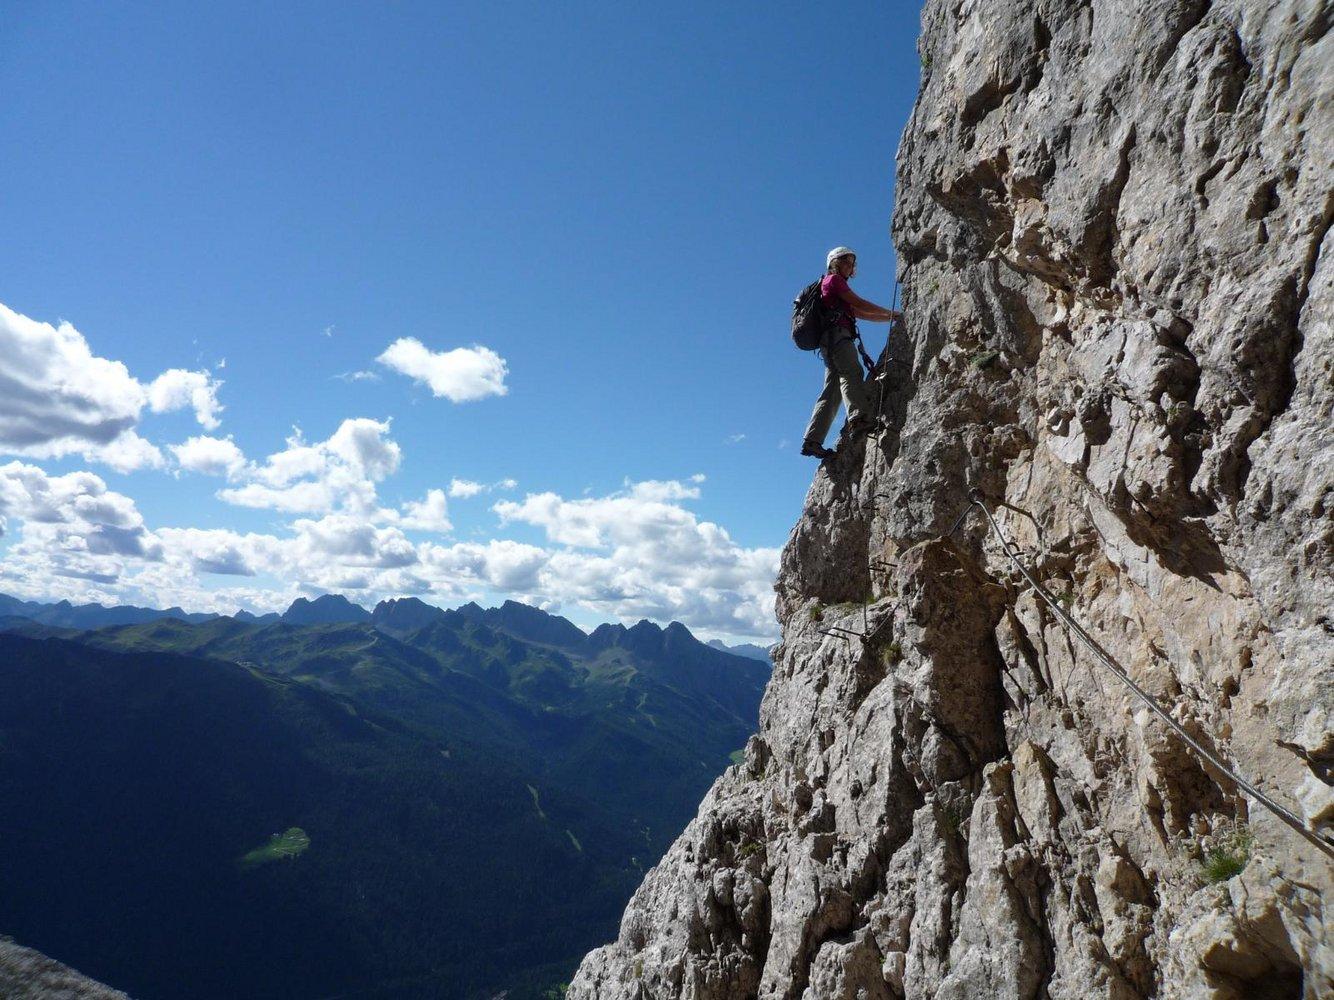 Klettersteig Via Ferrata : Klettersteig in loen via ferrata